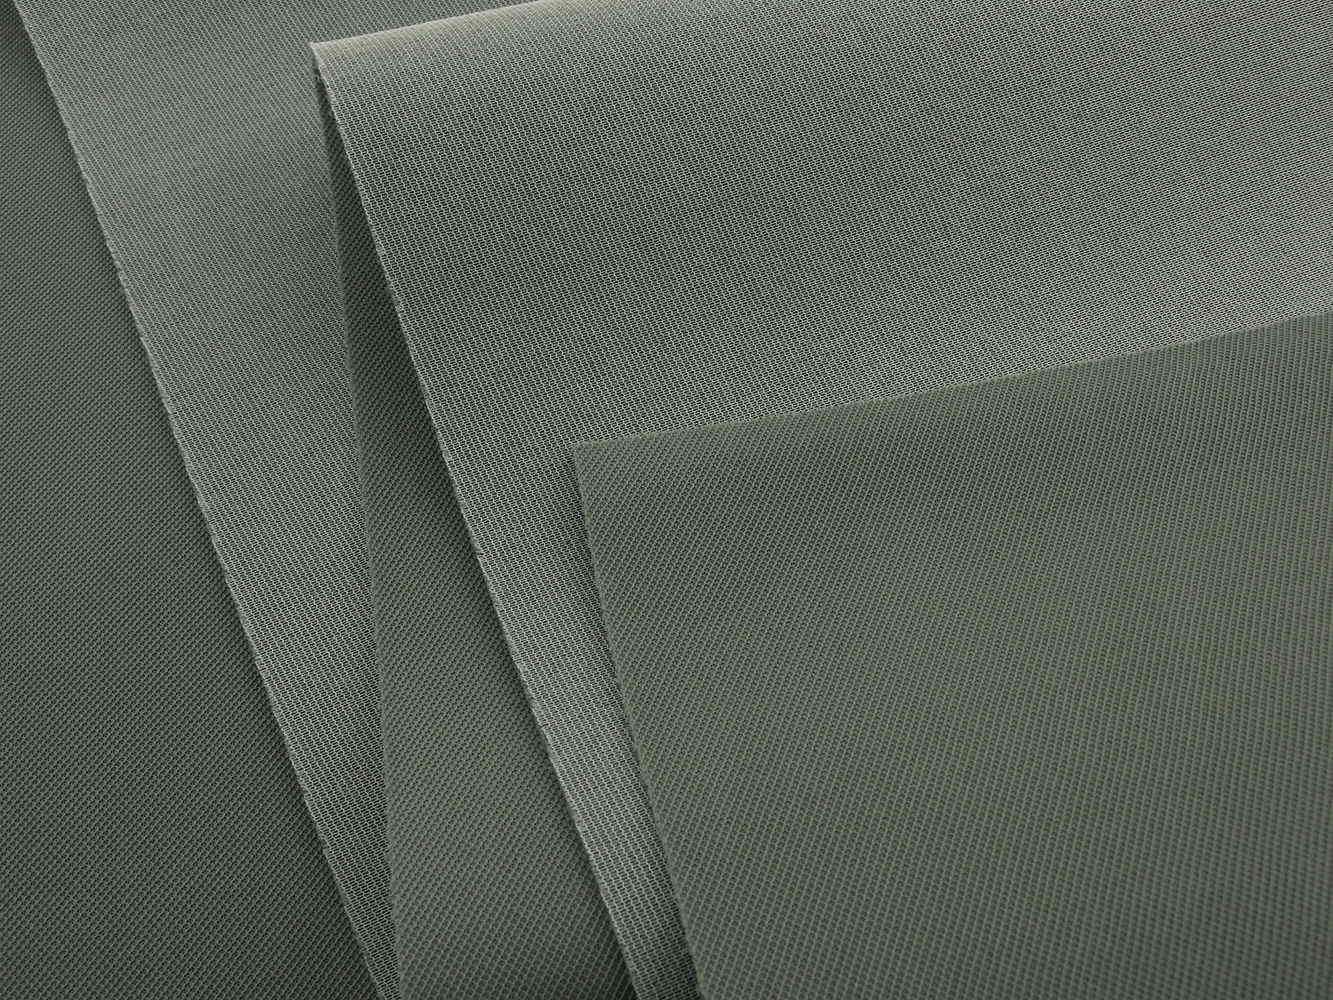 ткань автомобильная потолок шторки 4 цвета